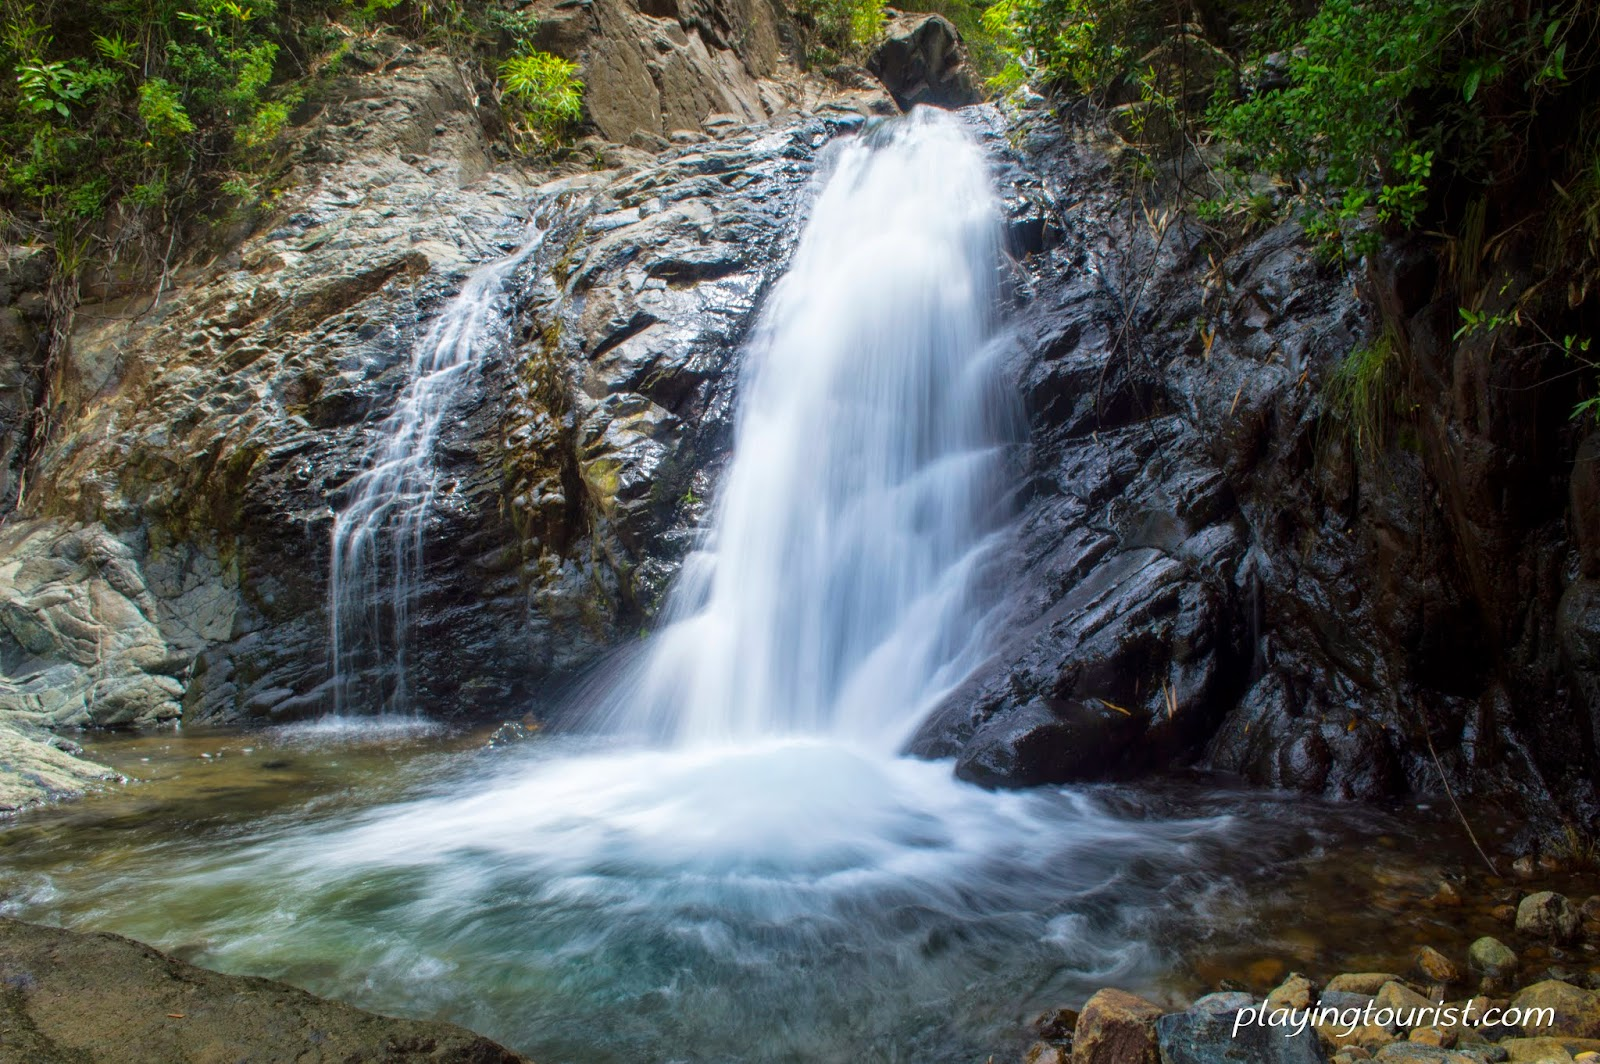 Pundaquit Falls vs. Capalngan Falls